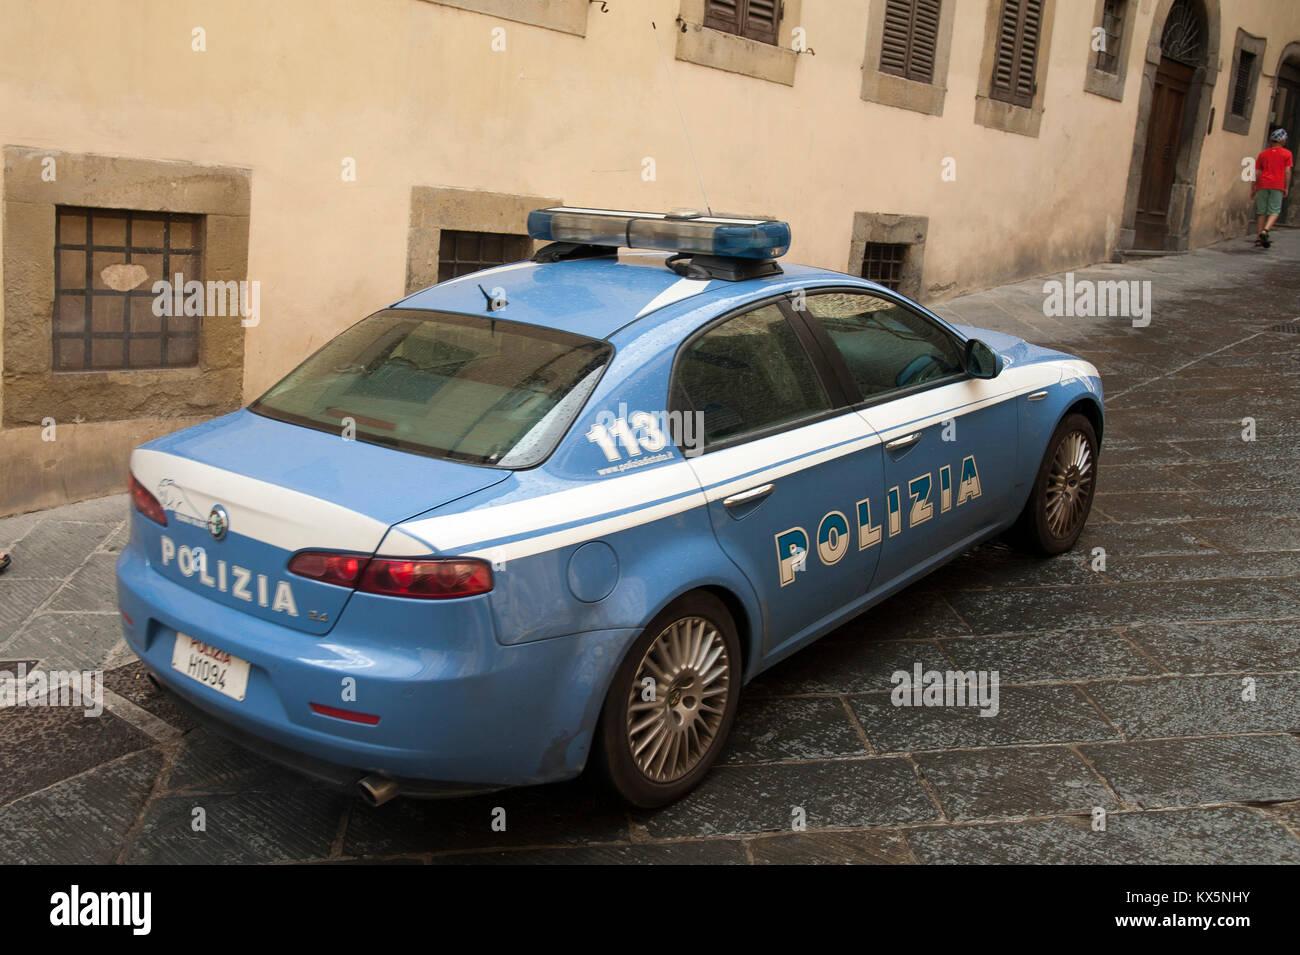 Polizia Di Stato Stock Photos & Polizia Di Stato Stock Images - Alamy